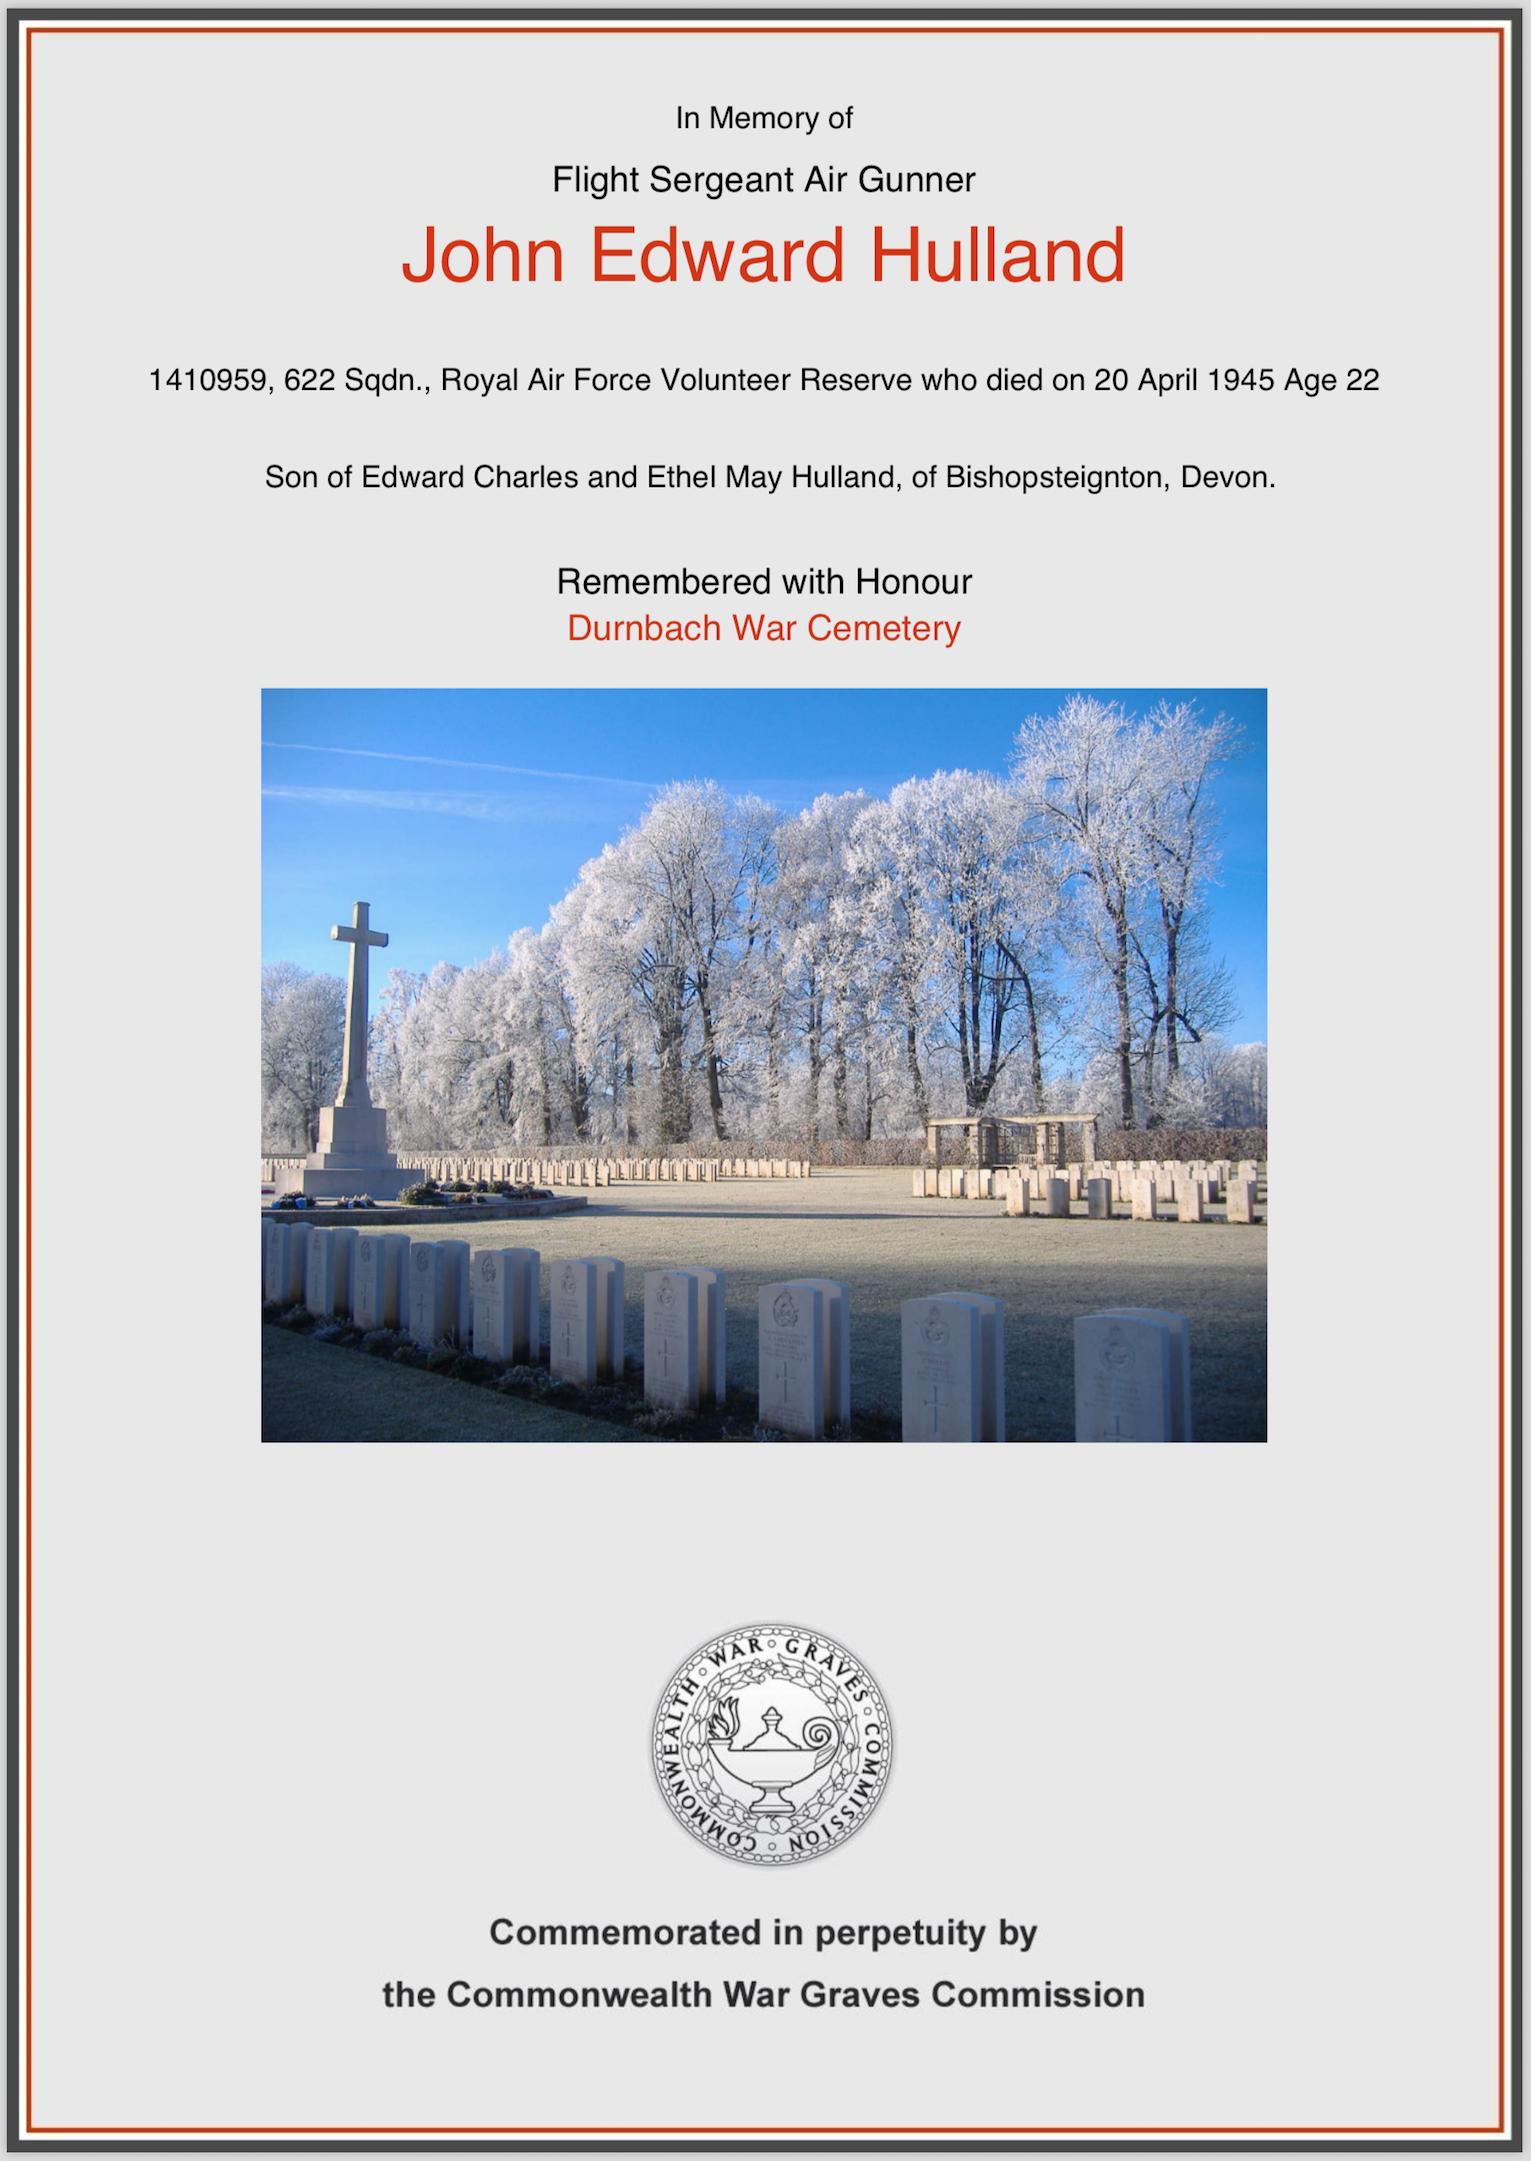 Hulland Memorial